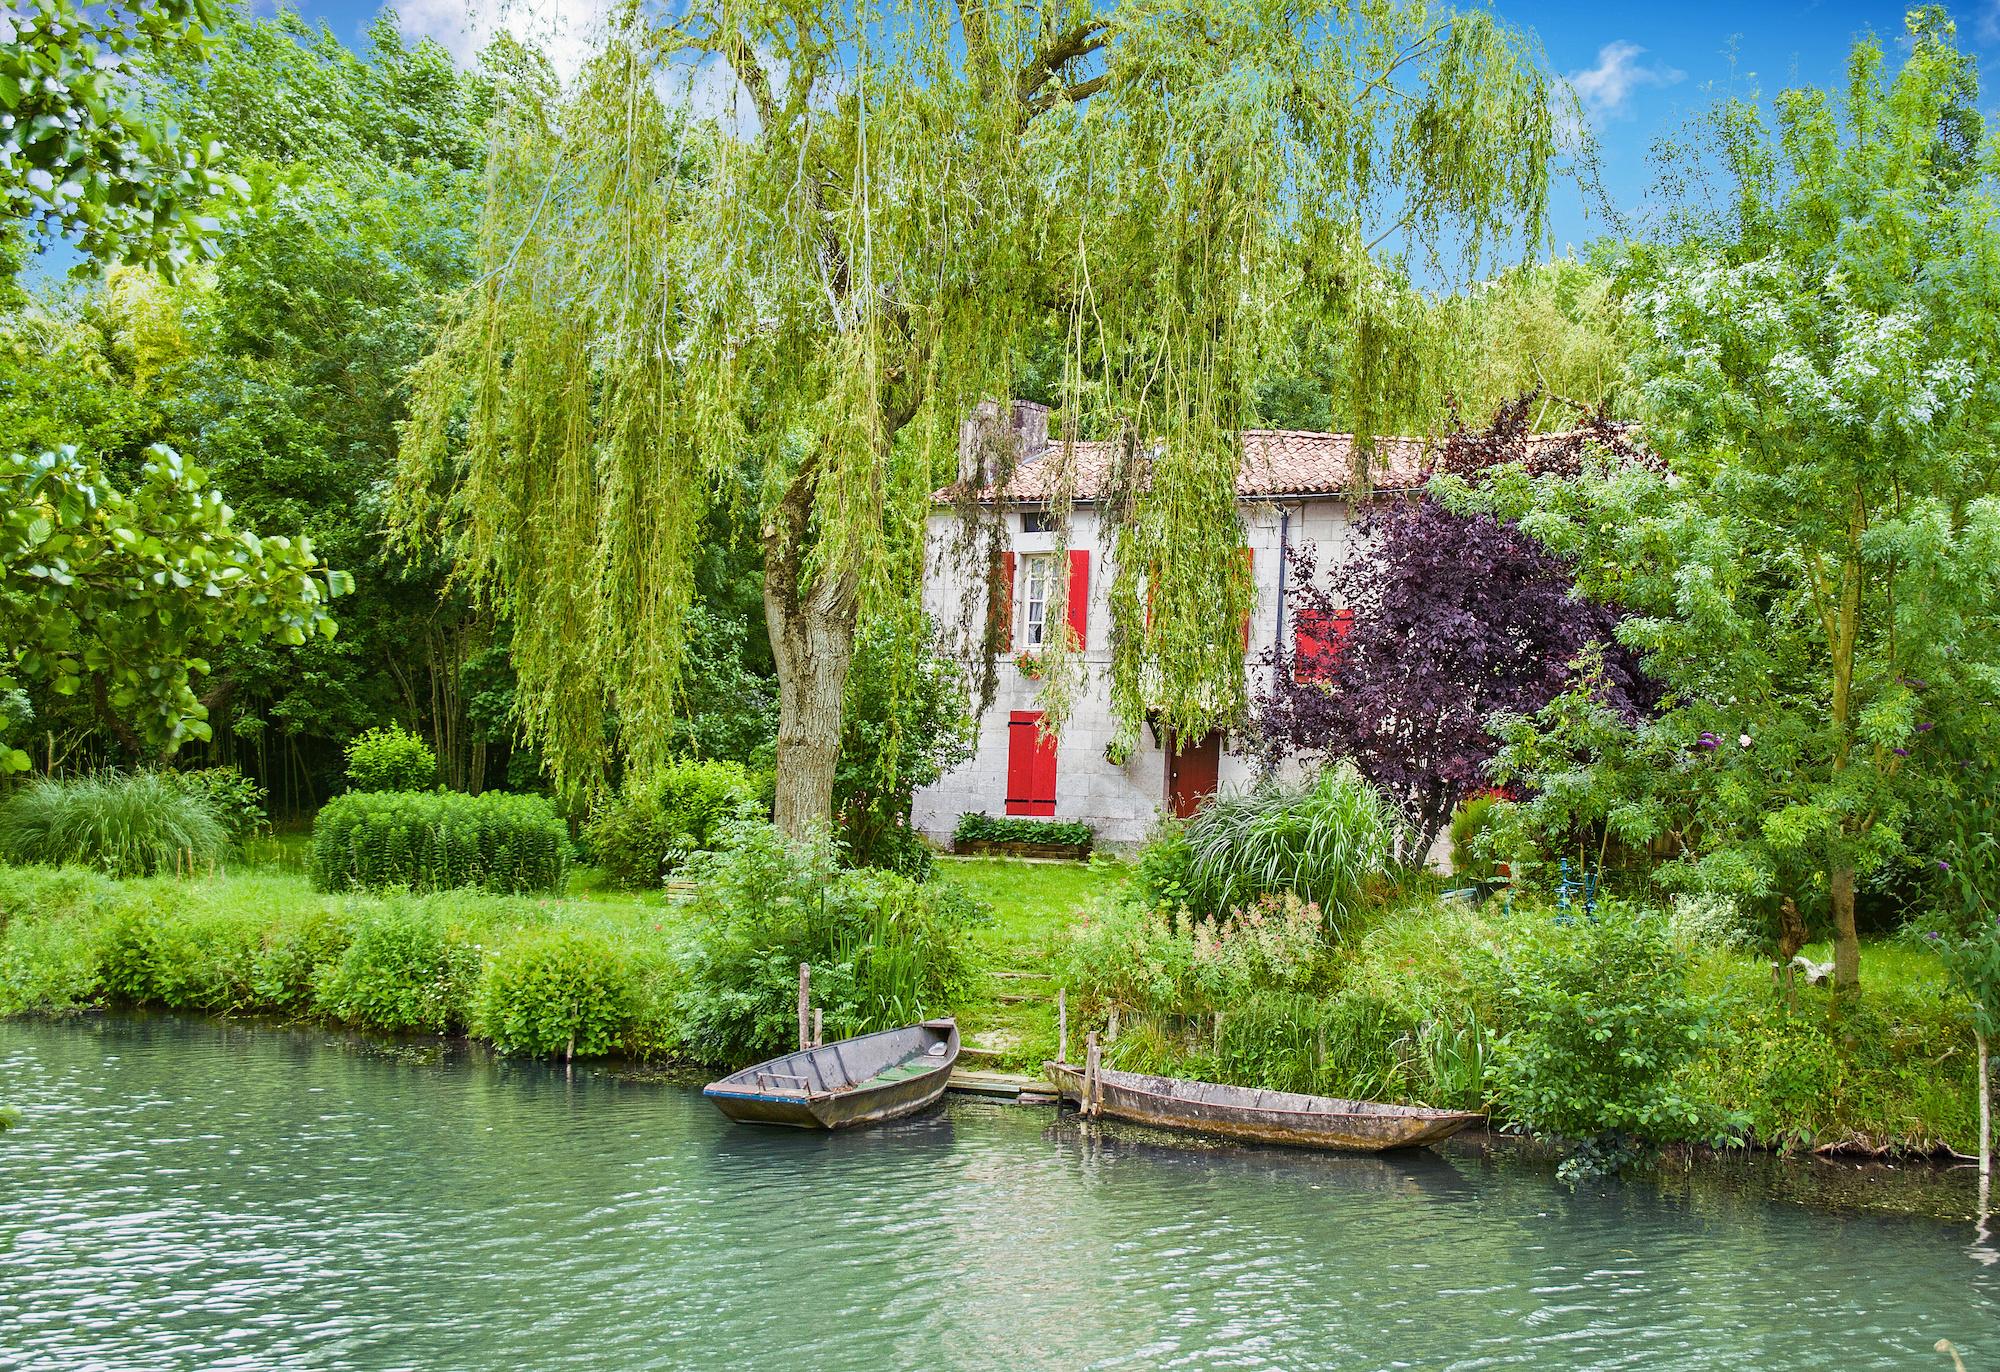 Things To Do in Poitou-Charentes